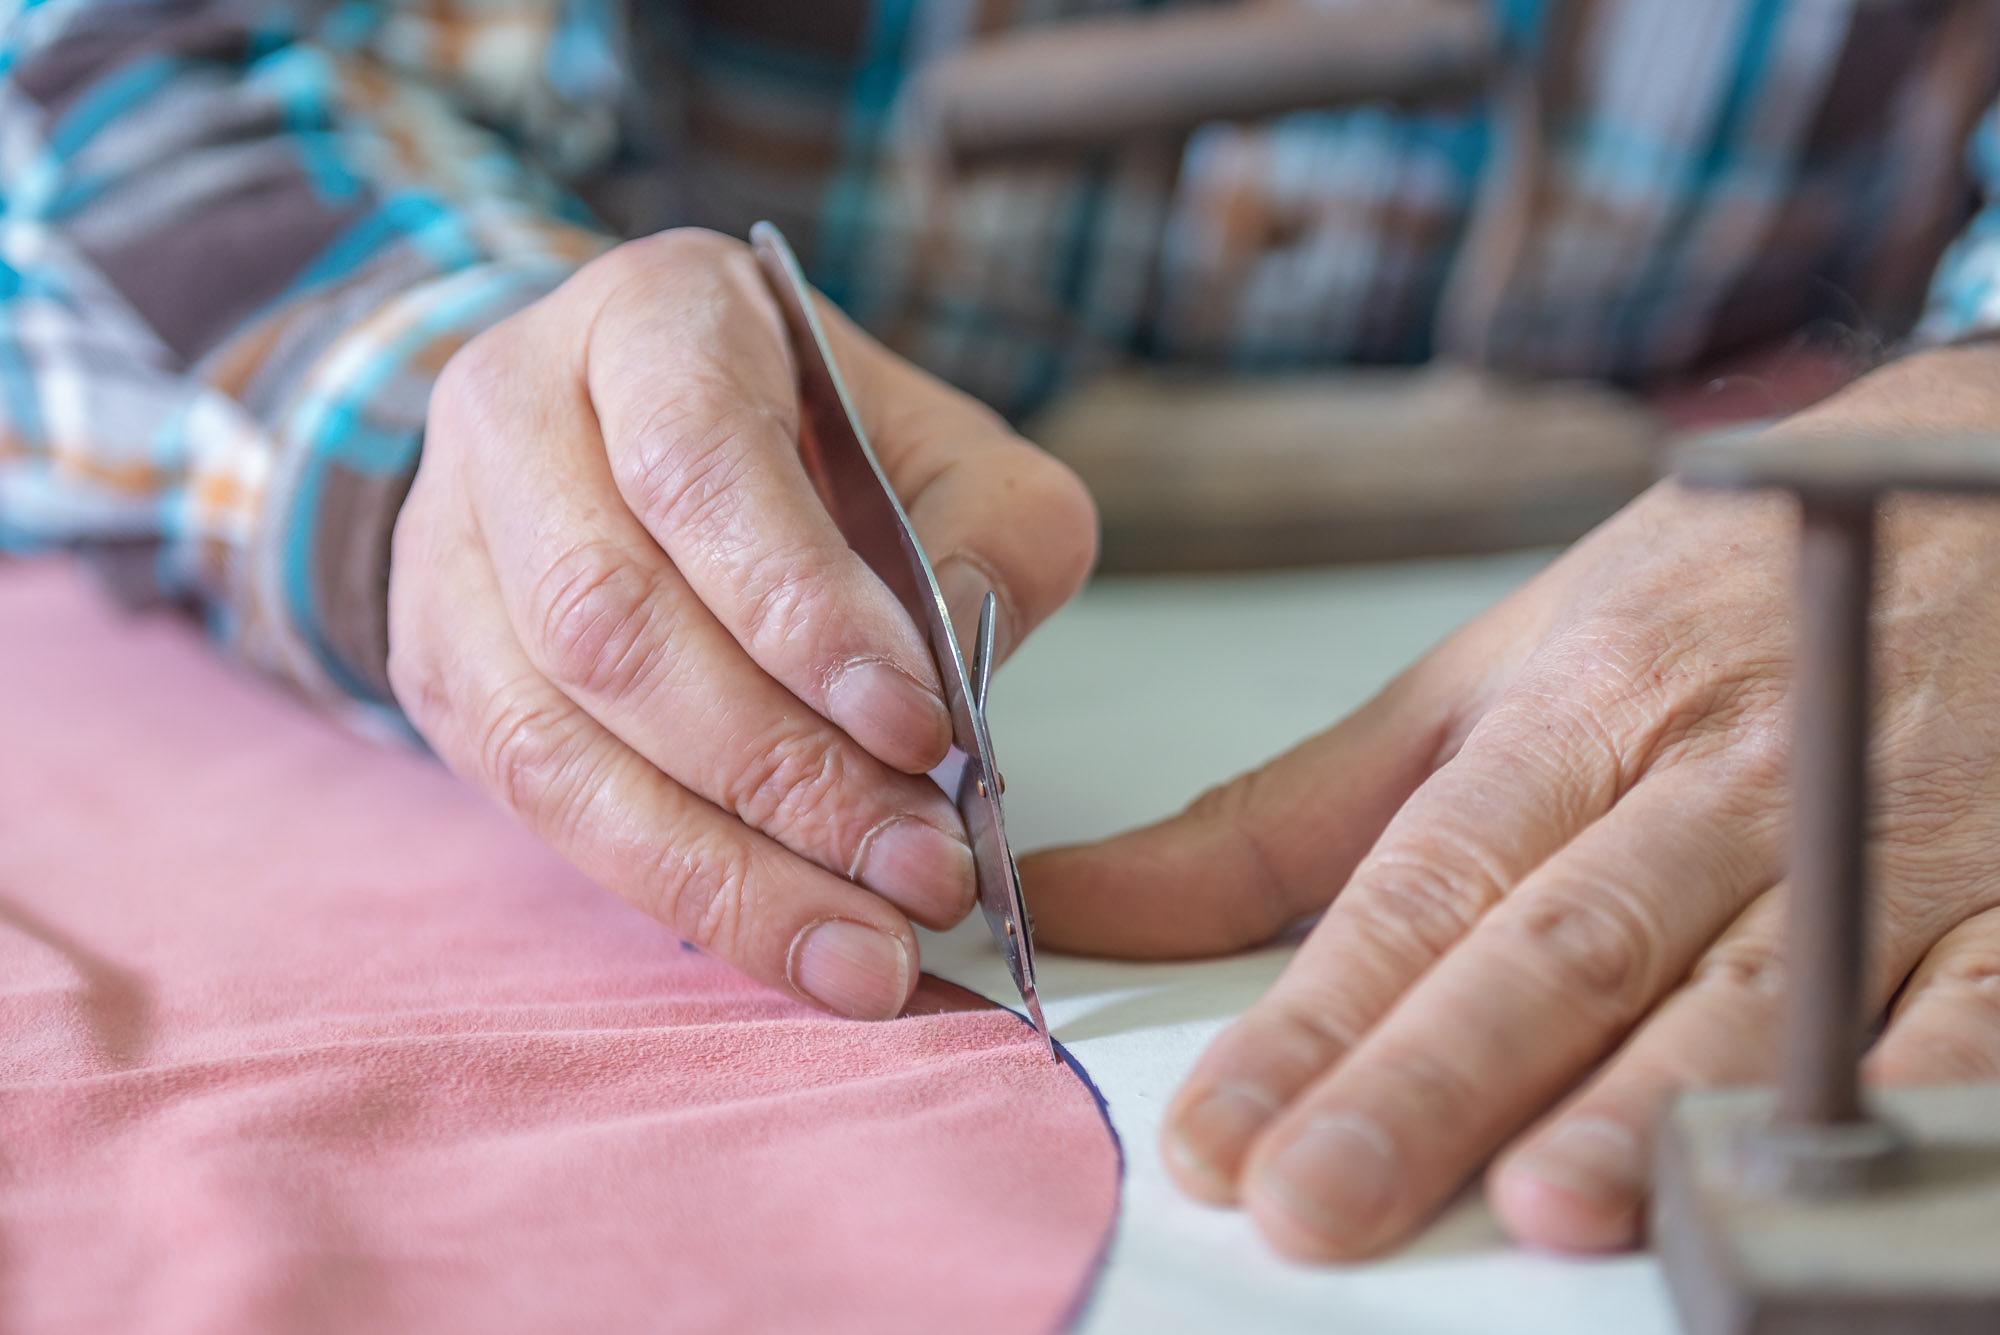 Interpel - Dettaglio di mani che tagliano la pelle -2